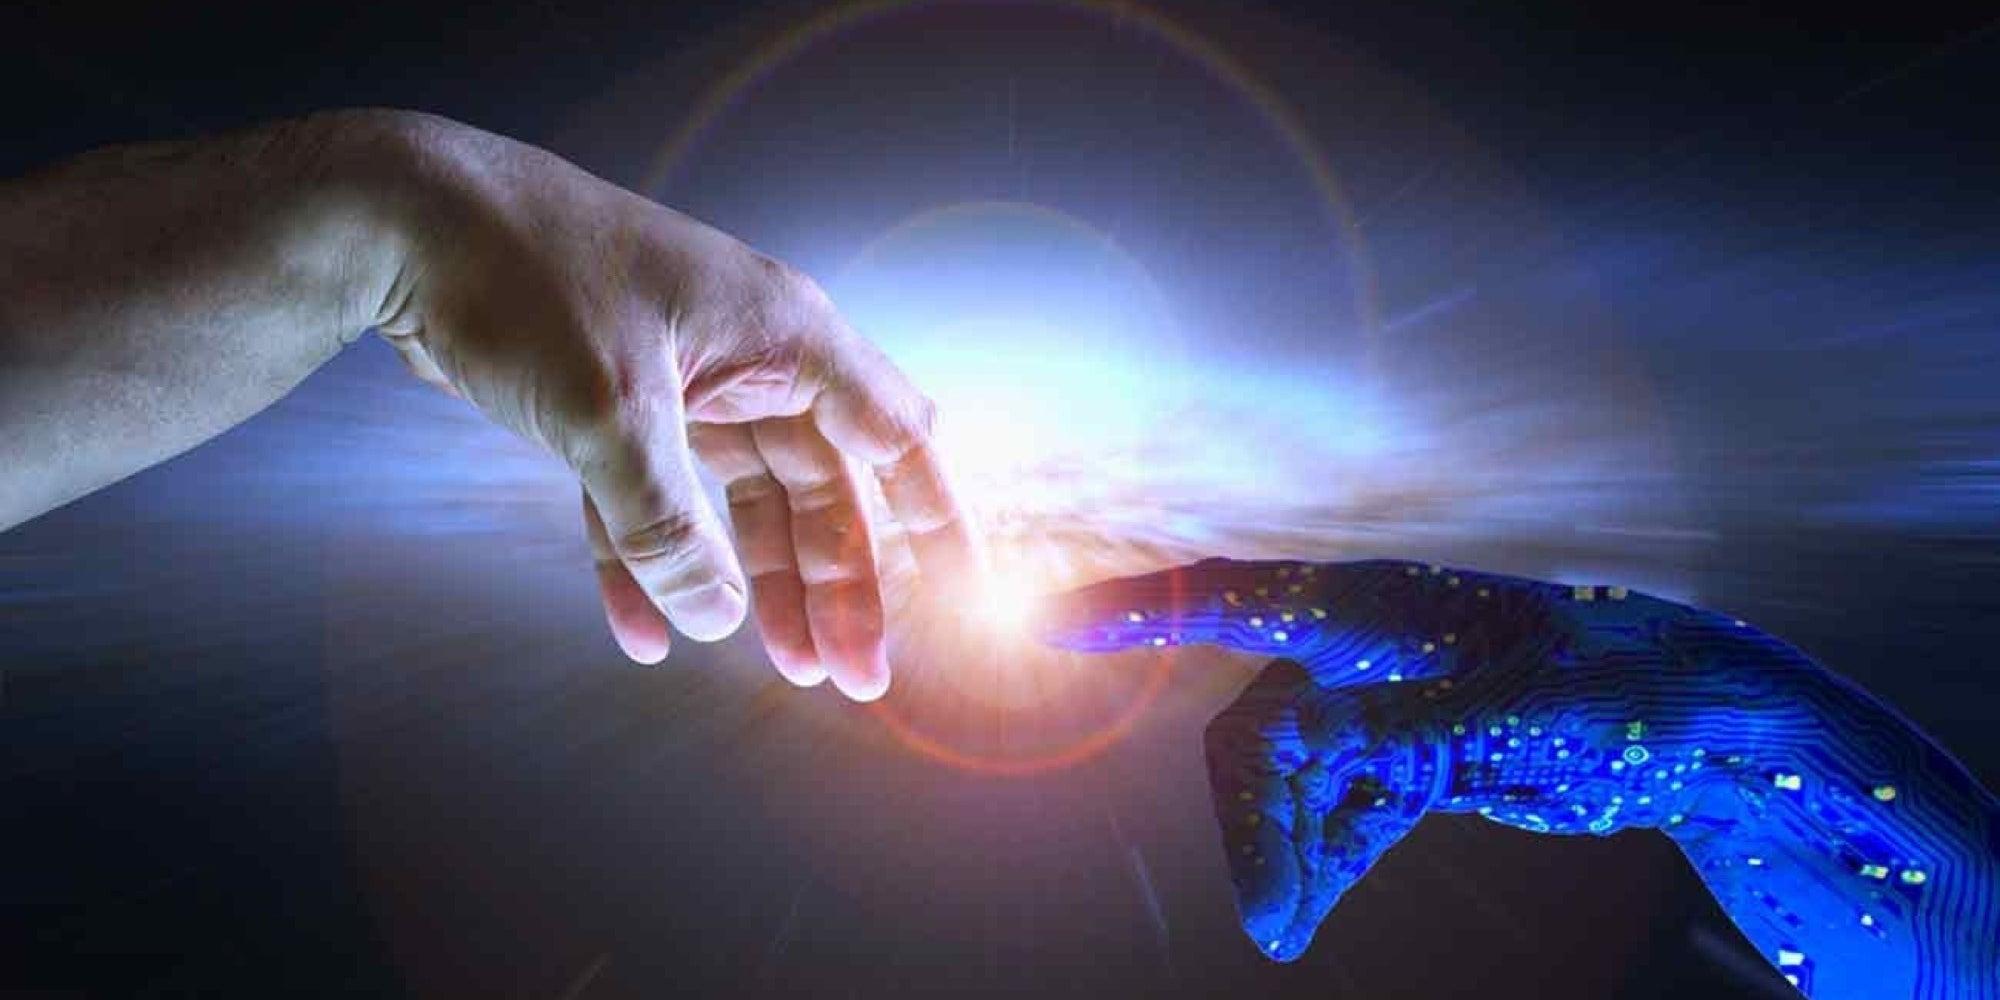 Rise of AI